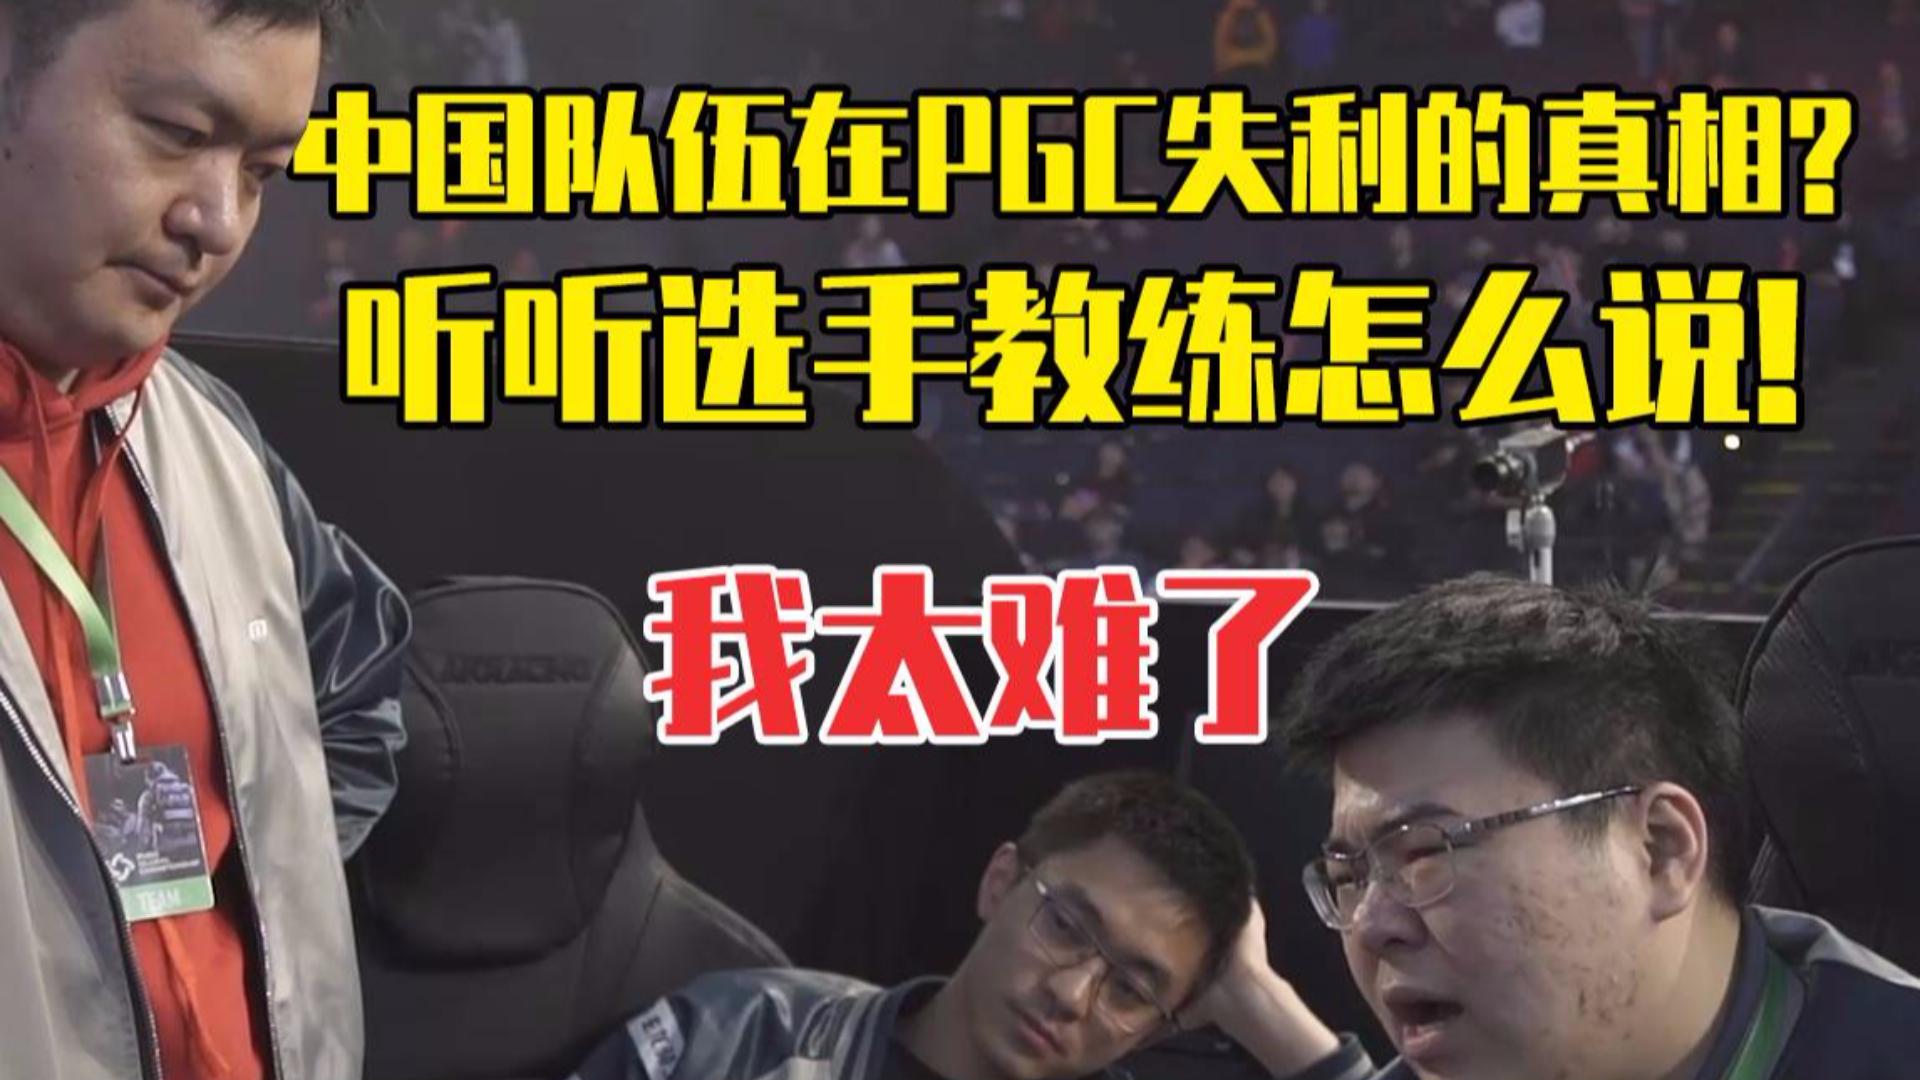 中国队伍在PGC失利的真相 走进后台 听听选手教练怎么说! 丨BK短纪录片【51】